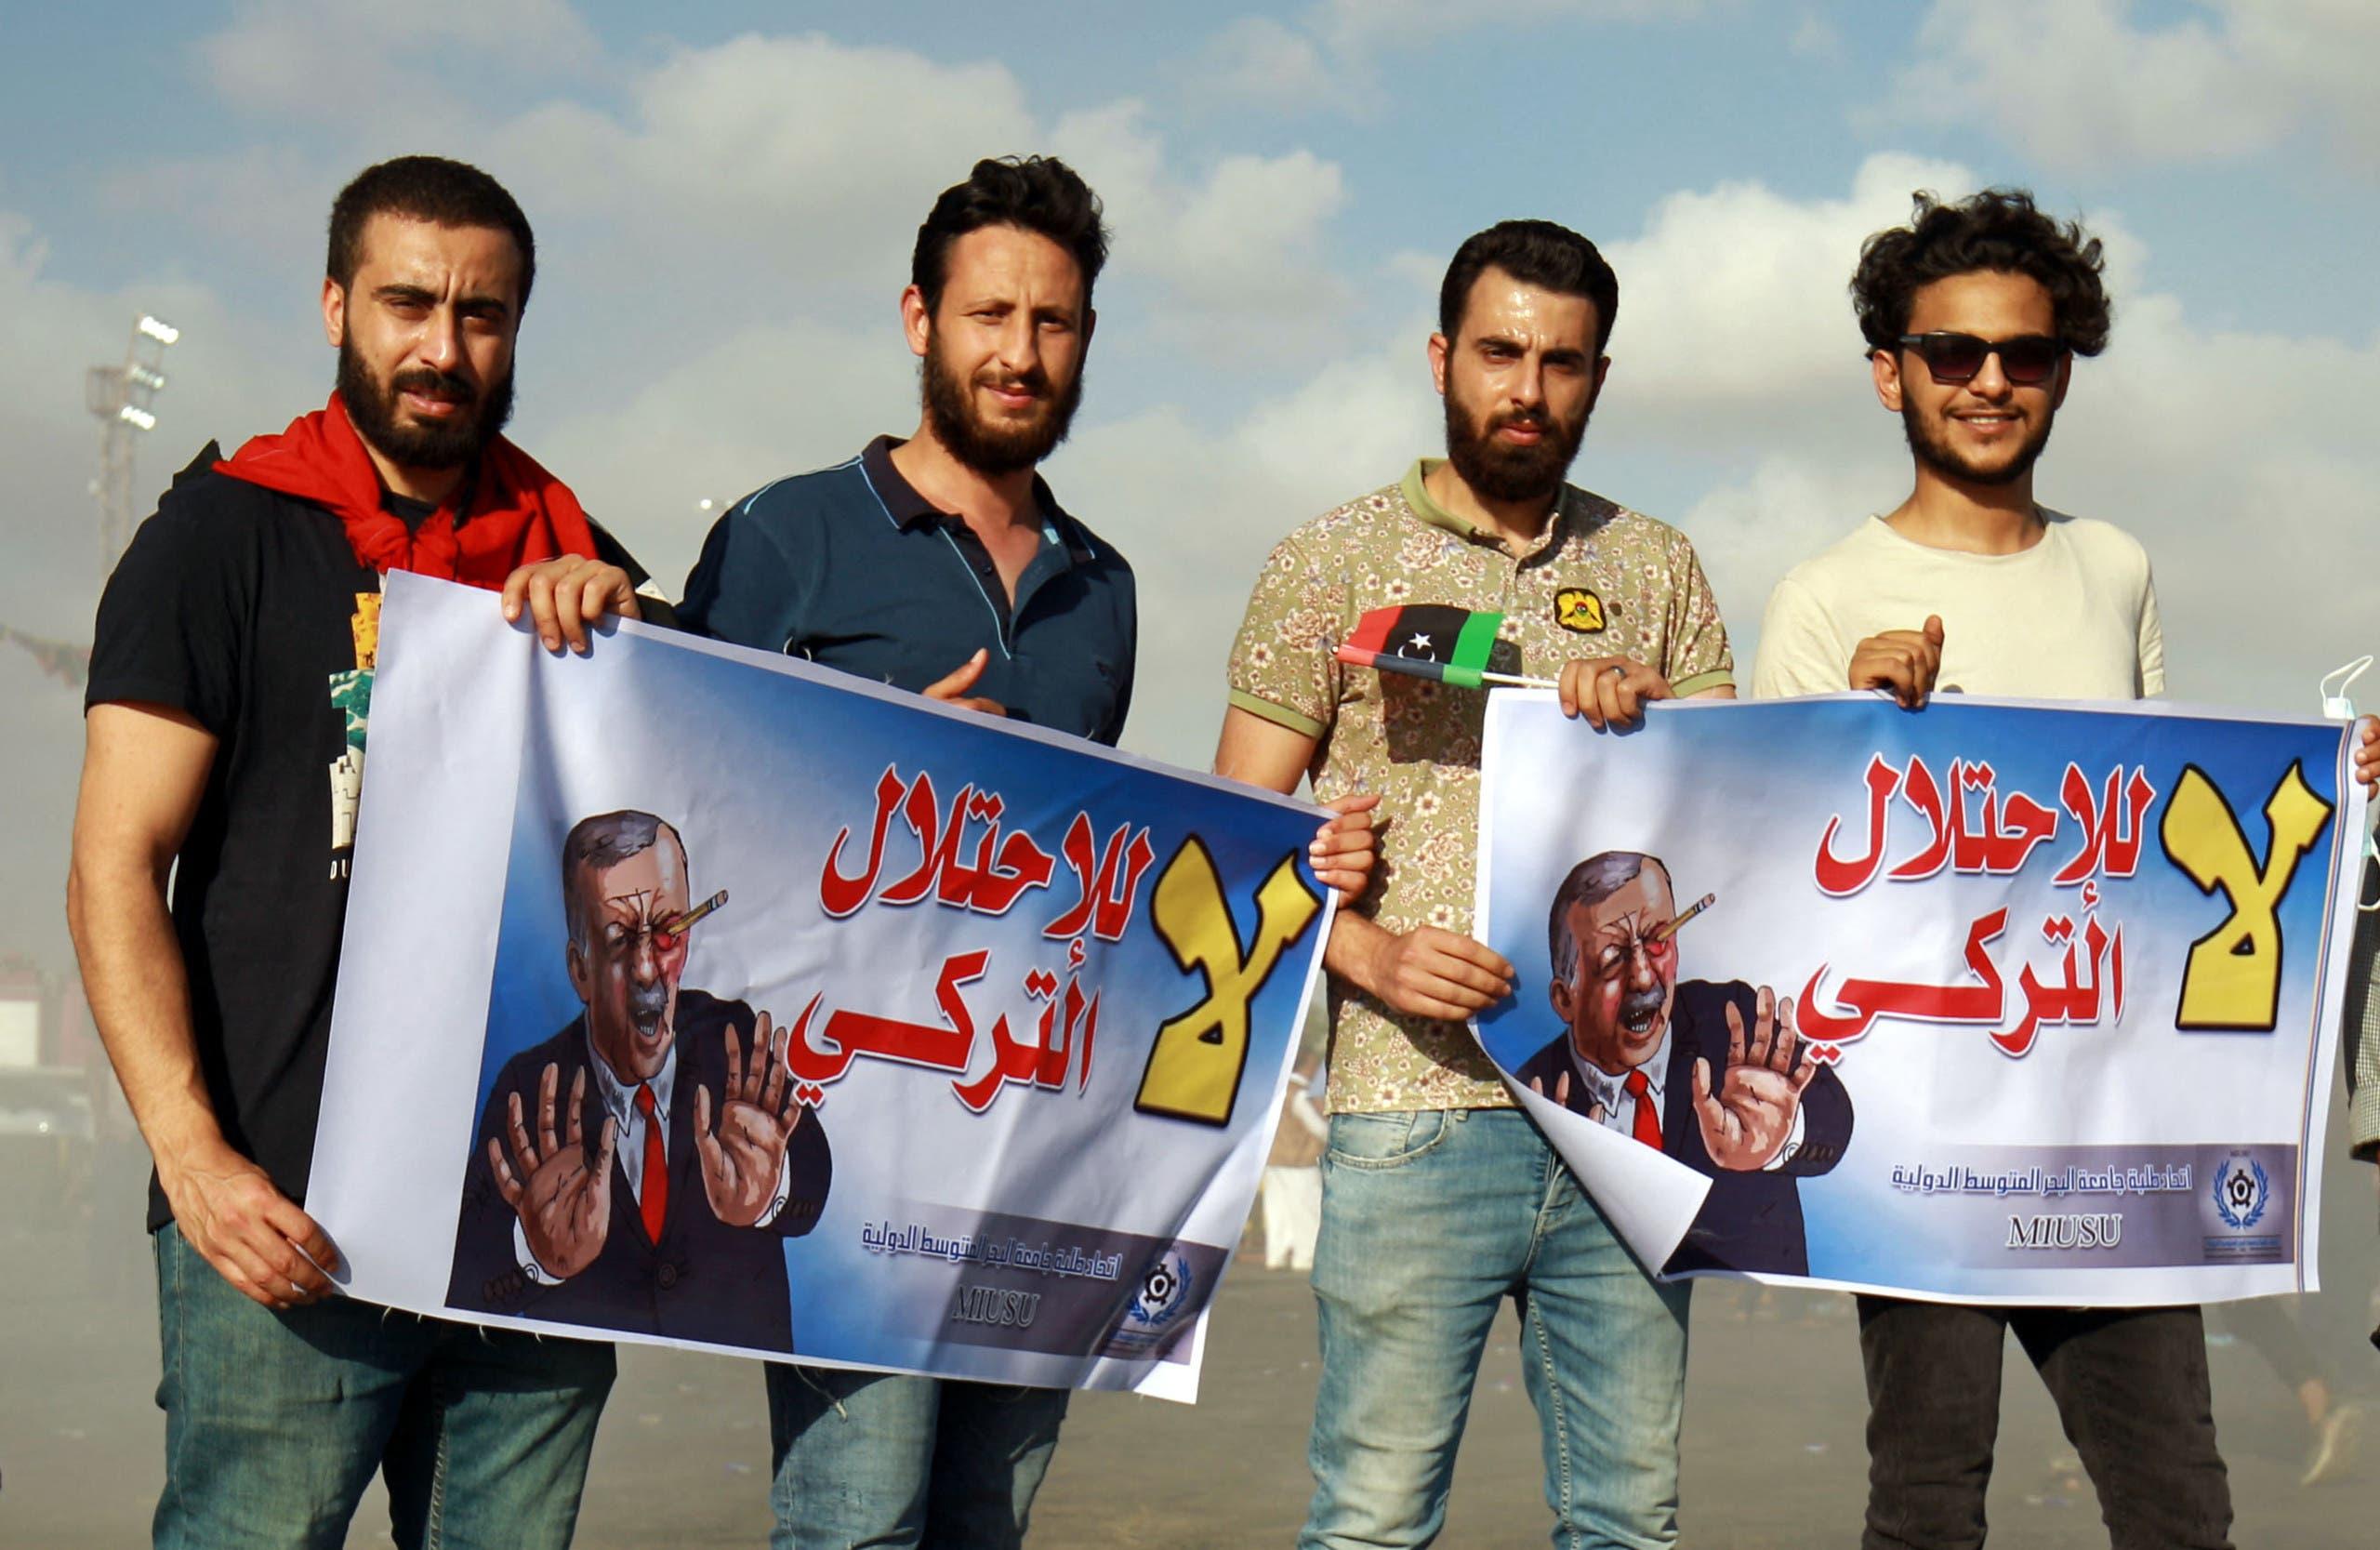 شبان في ينغازي يرفعون لافتات ضد التدخل التركي في يلادهم (أرشيفية)